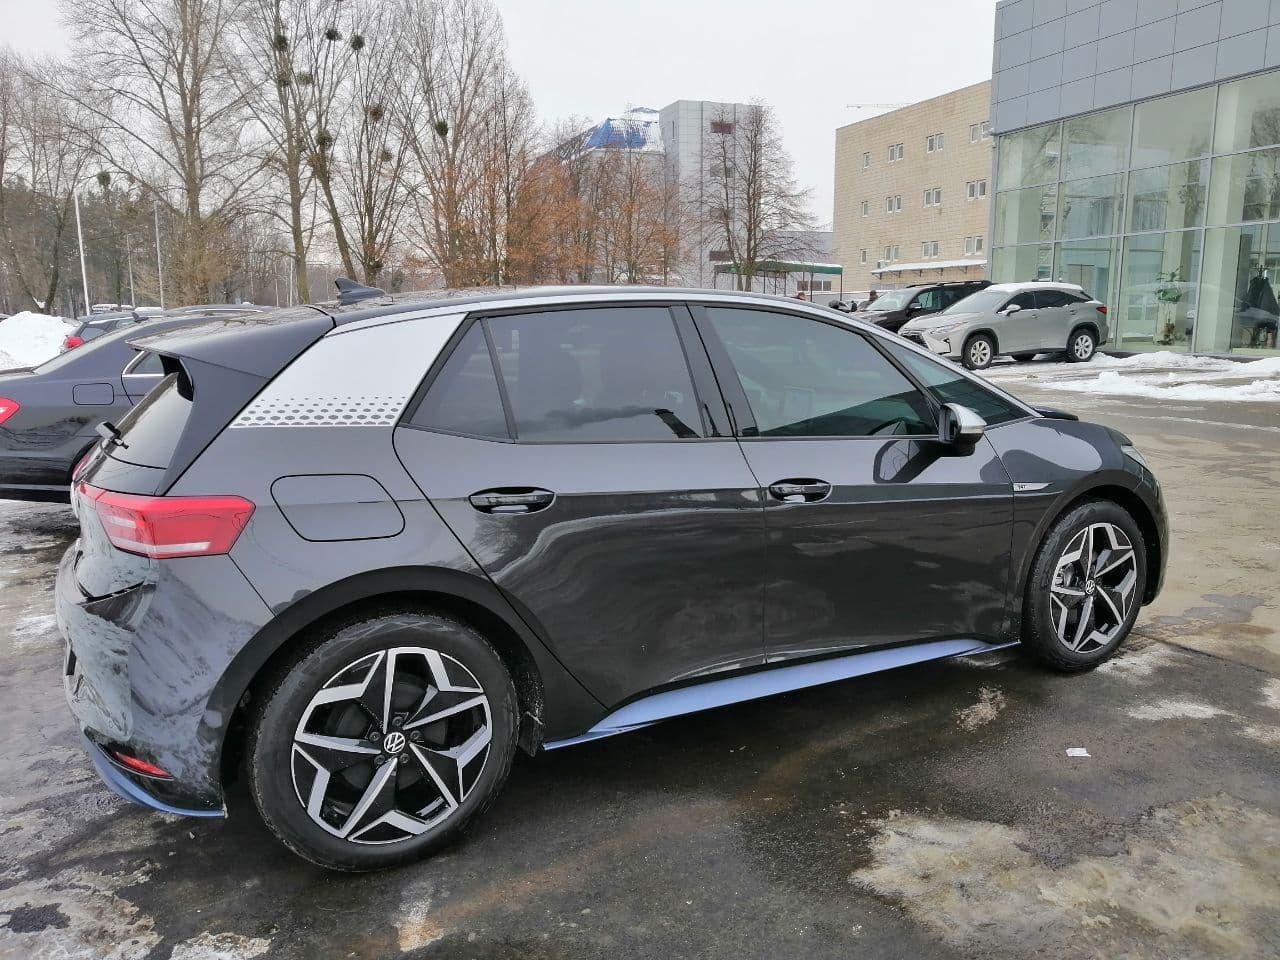 Электромобиль Volkswagen ID.3 с батареей на 58 кВтч и запасом хода в 425 км уже приехал в Украину (на самом деле нет)